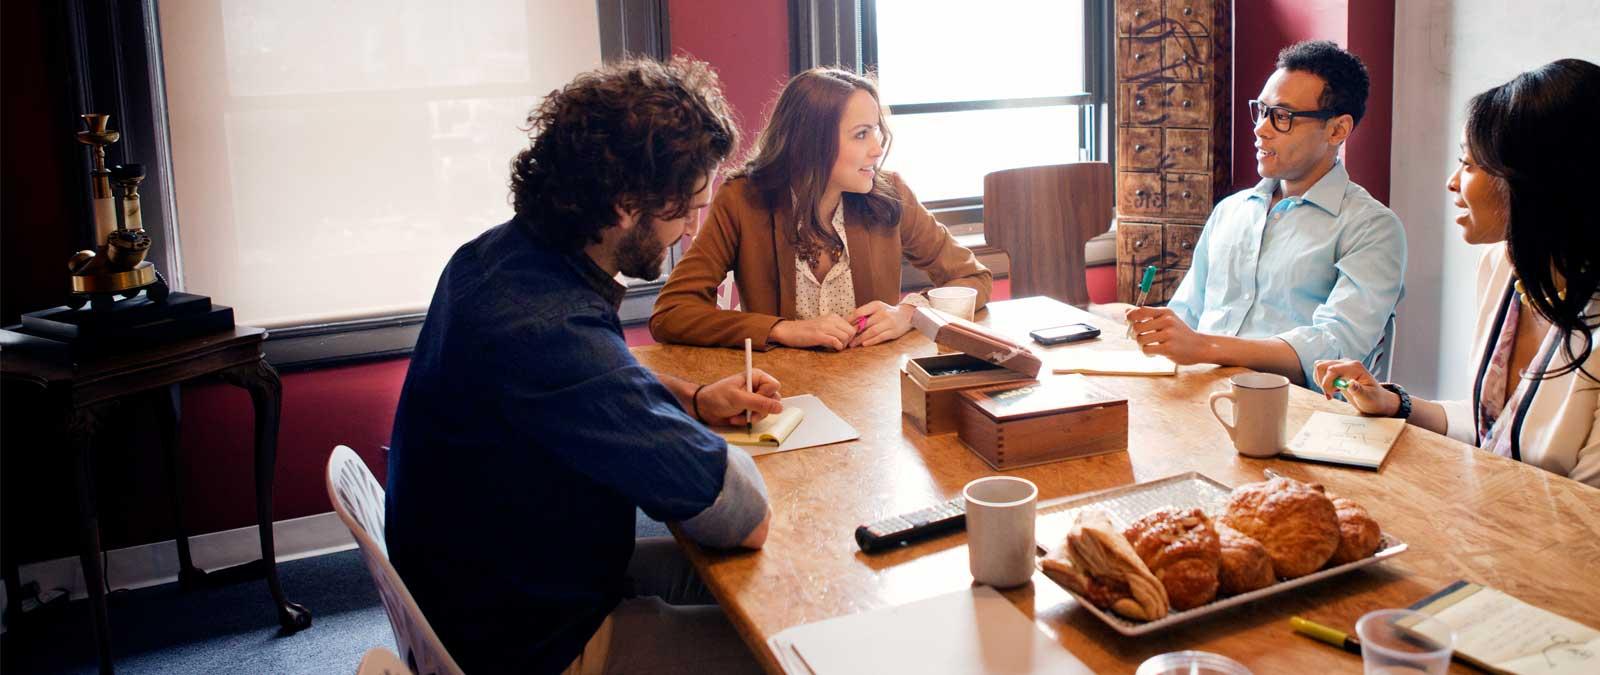 Fire personer, der arbejder på et kontor, hvor de bruger Office 365 Enterprise E3.